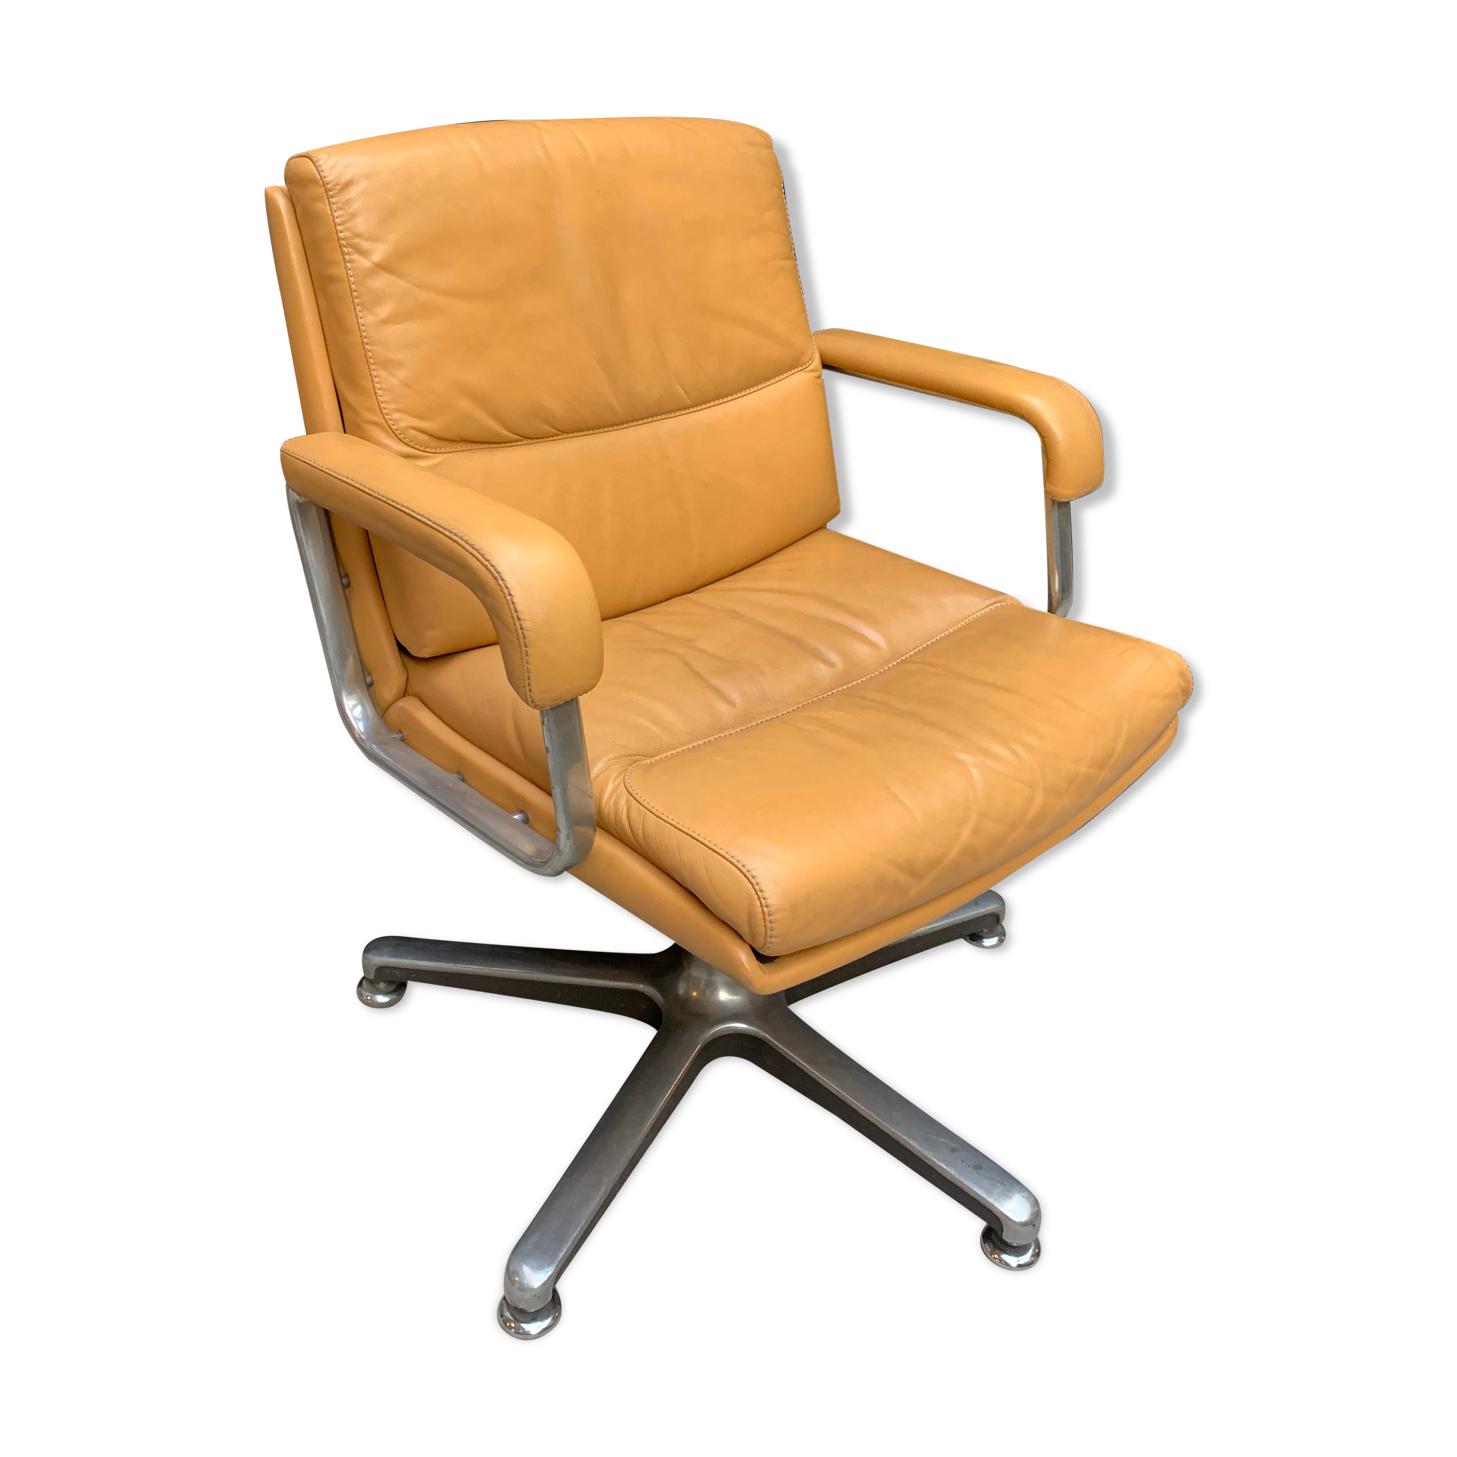 Fauteuil design 1970 , fauteuil de bureau